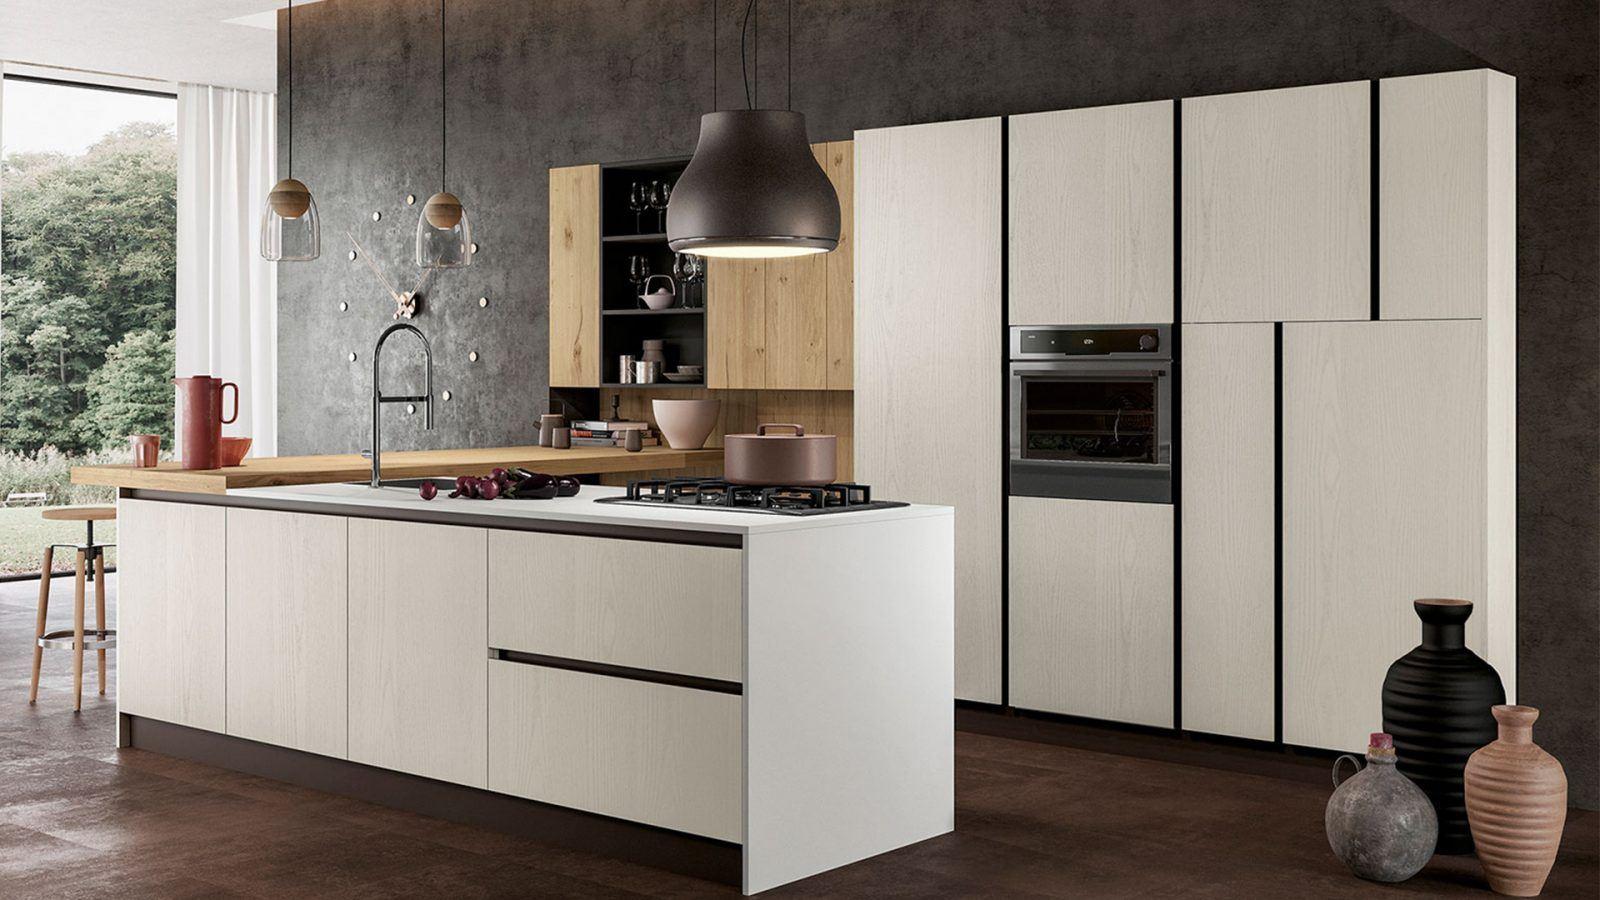 Cucine su misura a padova progettazione gratuita - Cucine piccole su misura ...